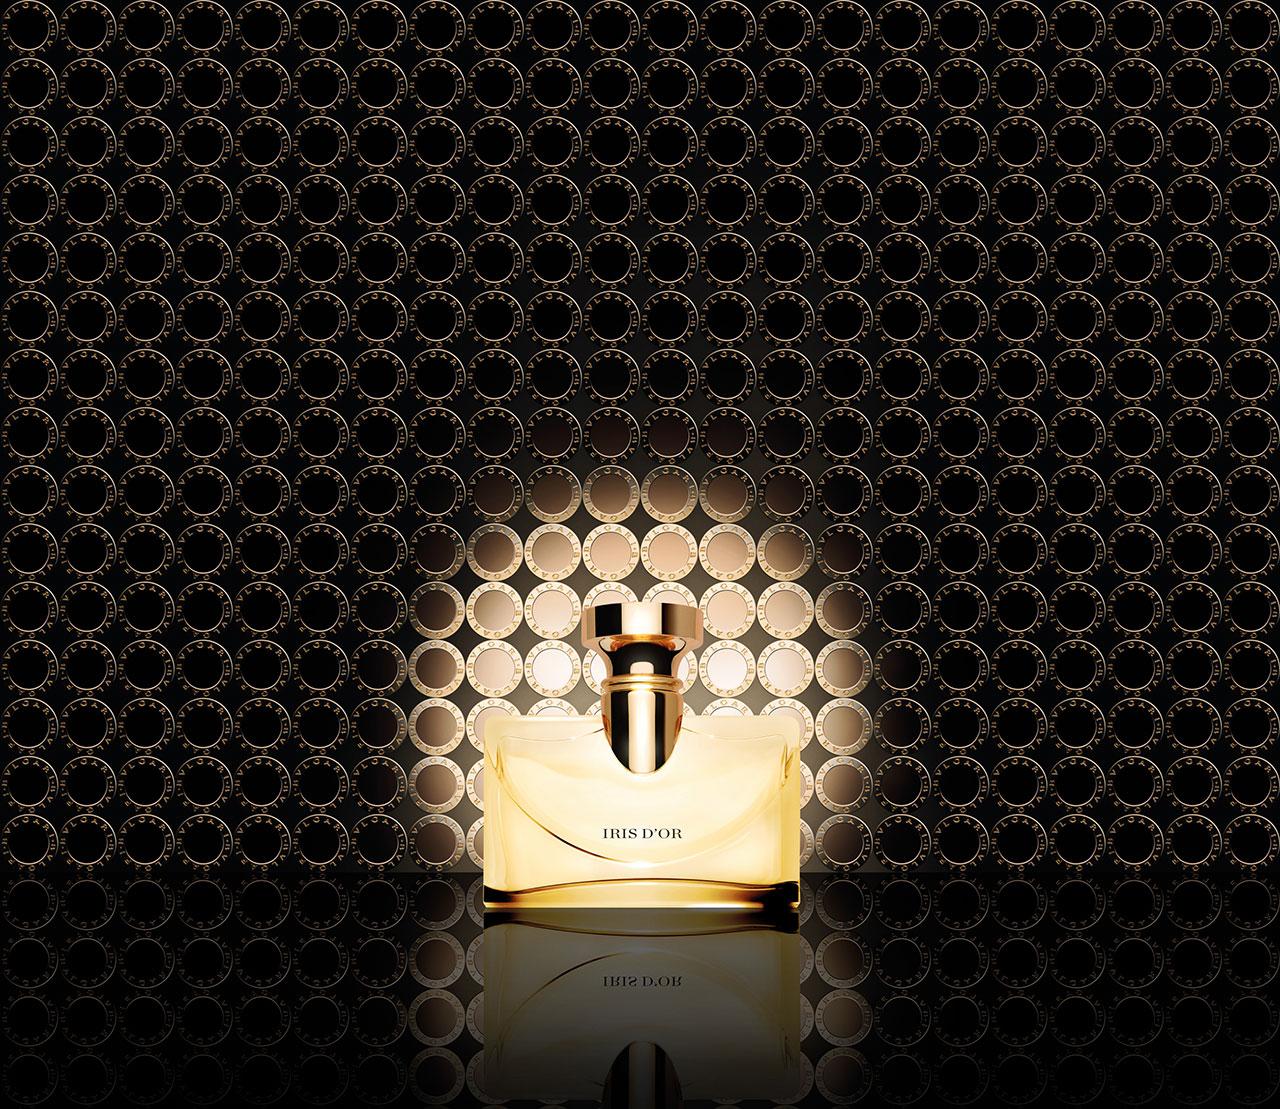 「スプレンディダ イリス ドール オードパルファム」50ml ¥ 11,900、100ml ¥ 17,300